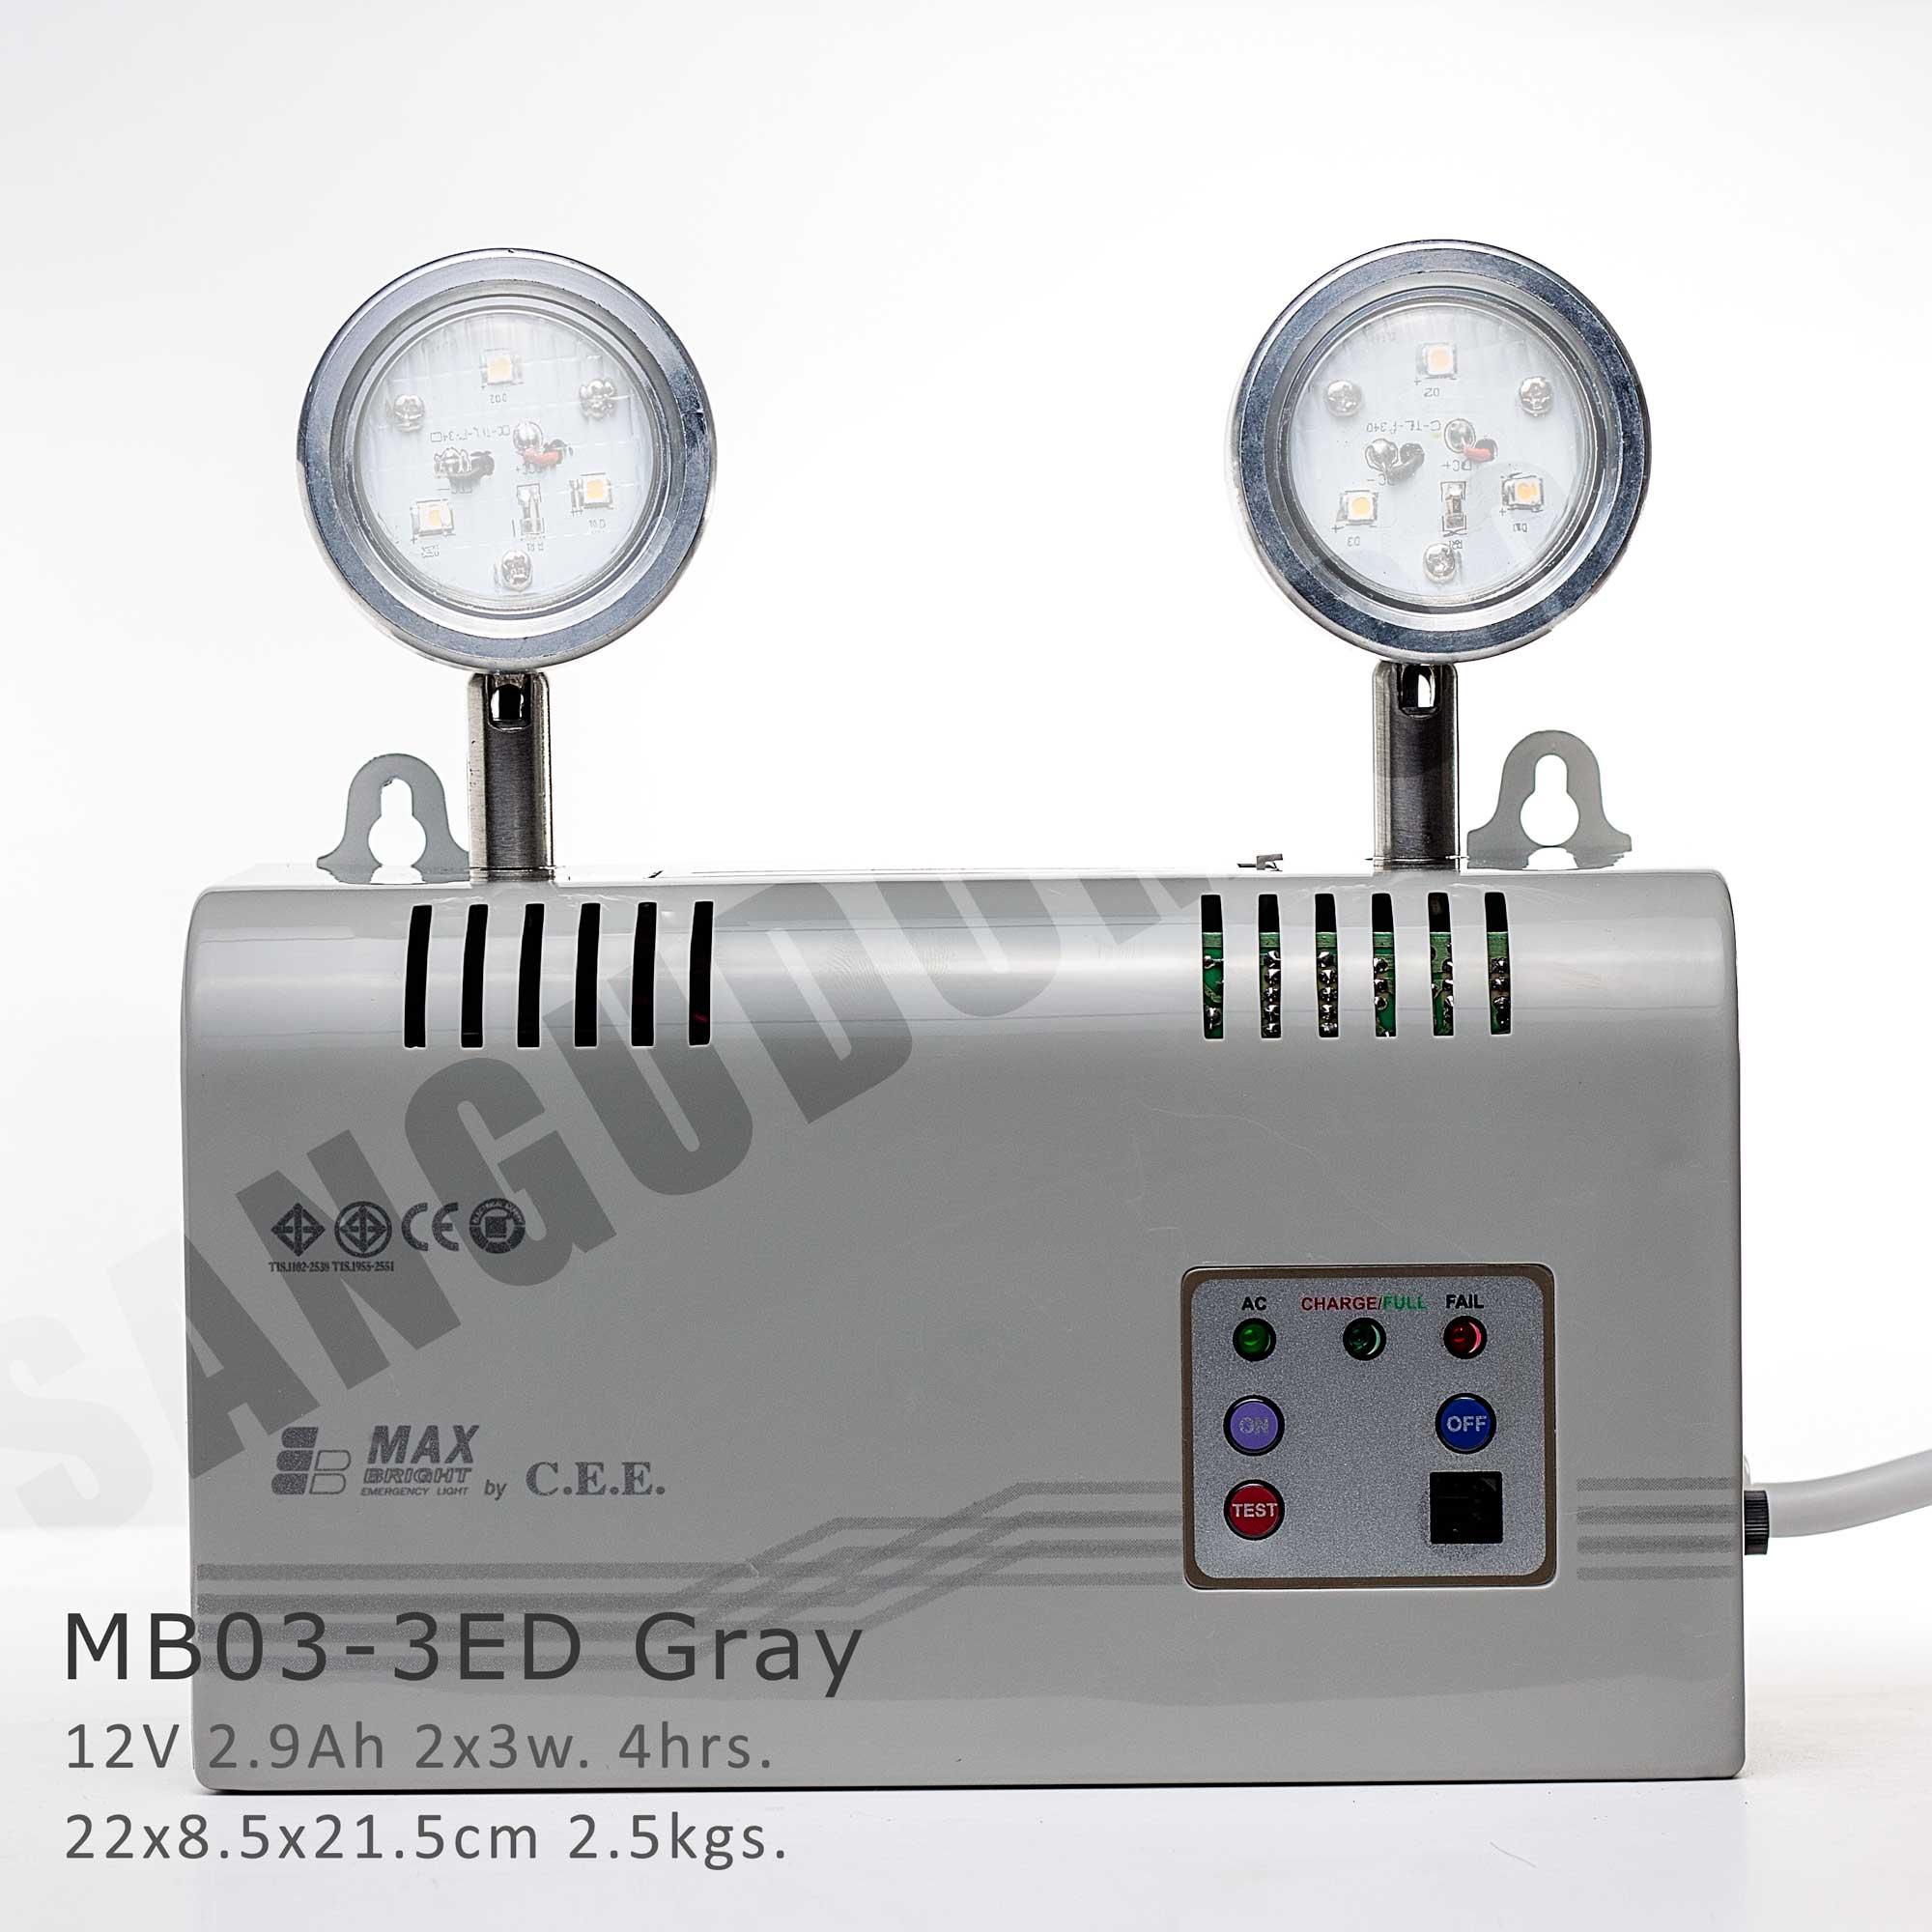 โคมไฟฉุกเฉิน LED 2 หลอด 3 watt 12V 2.9Ah 4hrs สีเทา MB03-3ED MAX BRIGHT Emergency Light